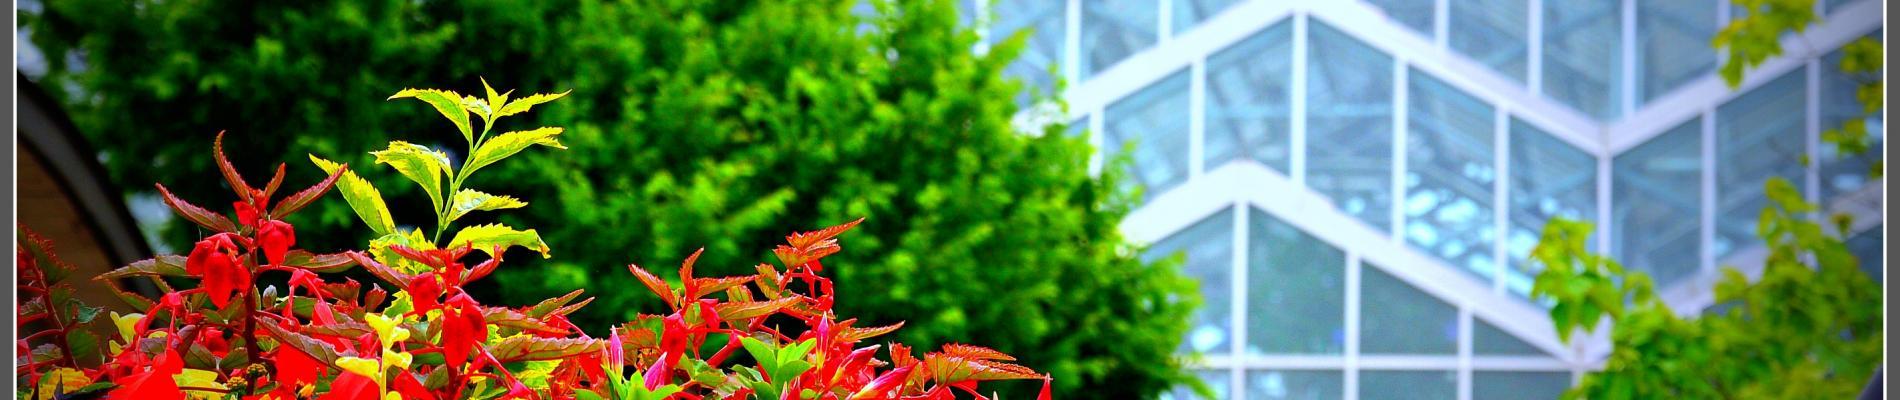 Meijer Gardens & Gerald Ford Museum